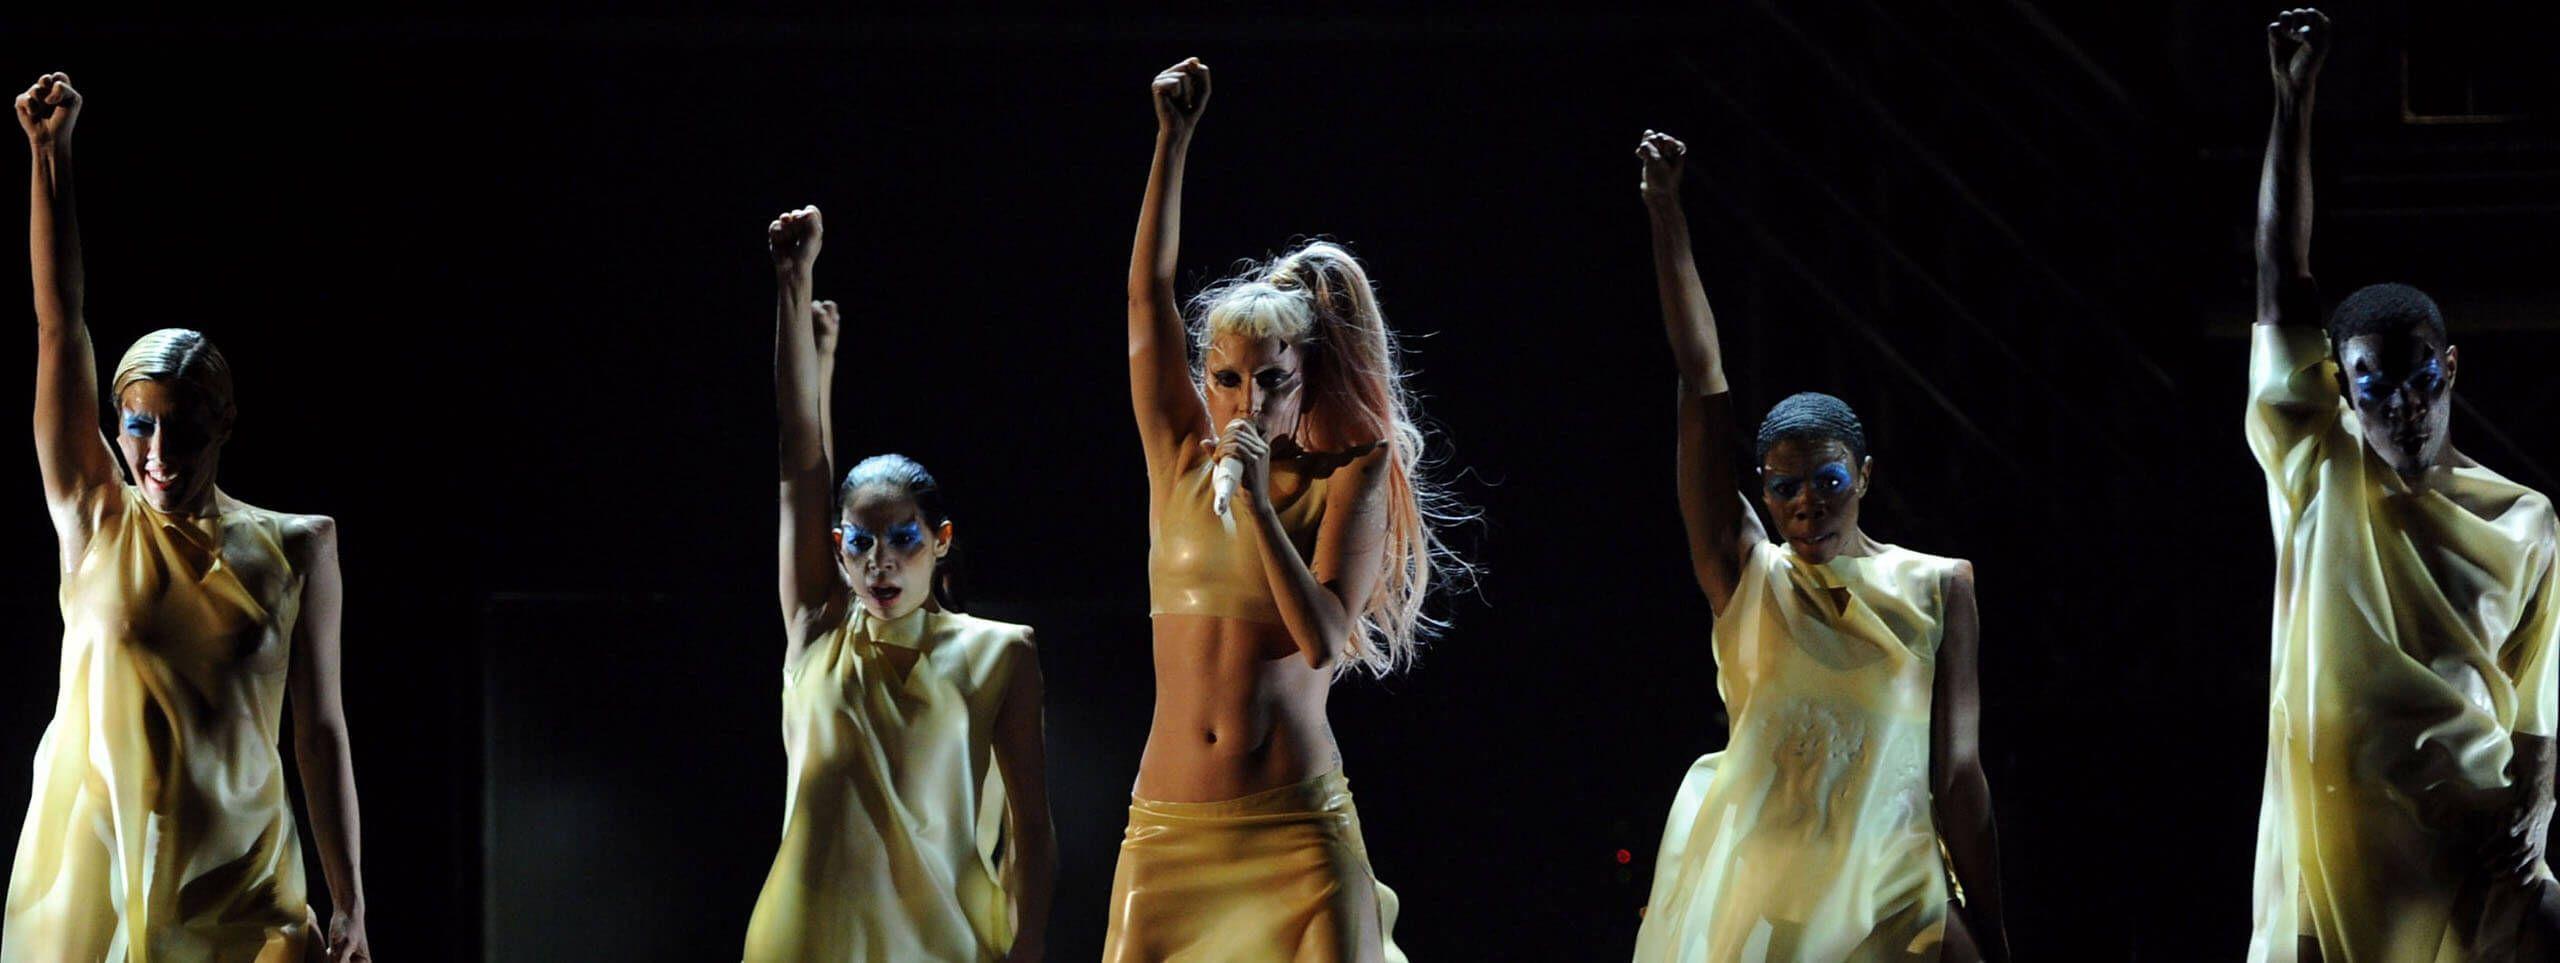 Lady Gaga lunga coda di cavallo centrale e frangia dritta